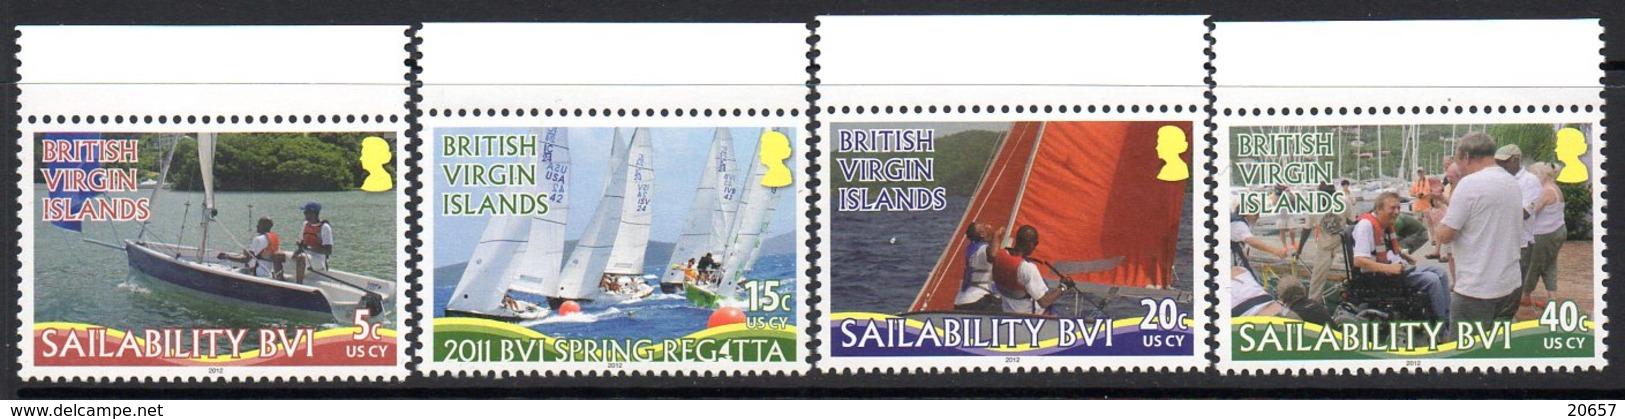 Virgin Islands Iles Vierges Britaniques 1118... Handisport, Voile, Réimpression 2012 - Handisport